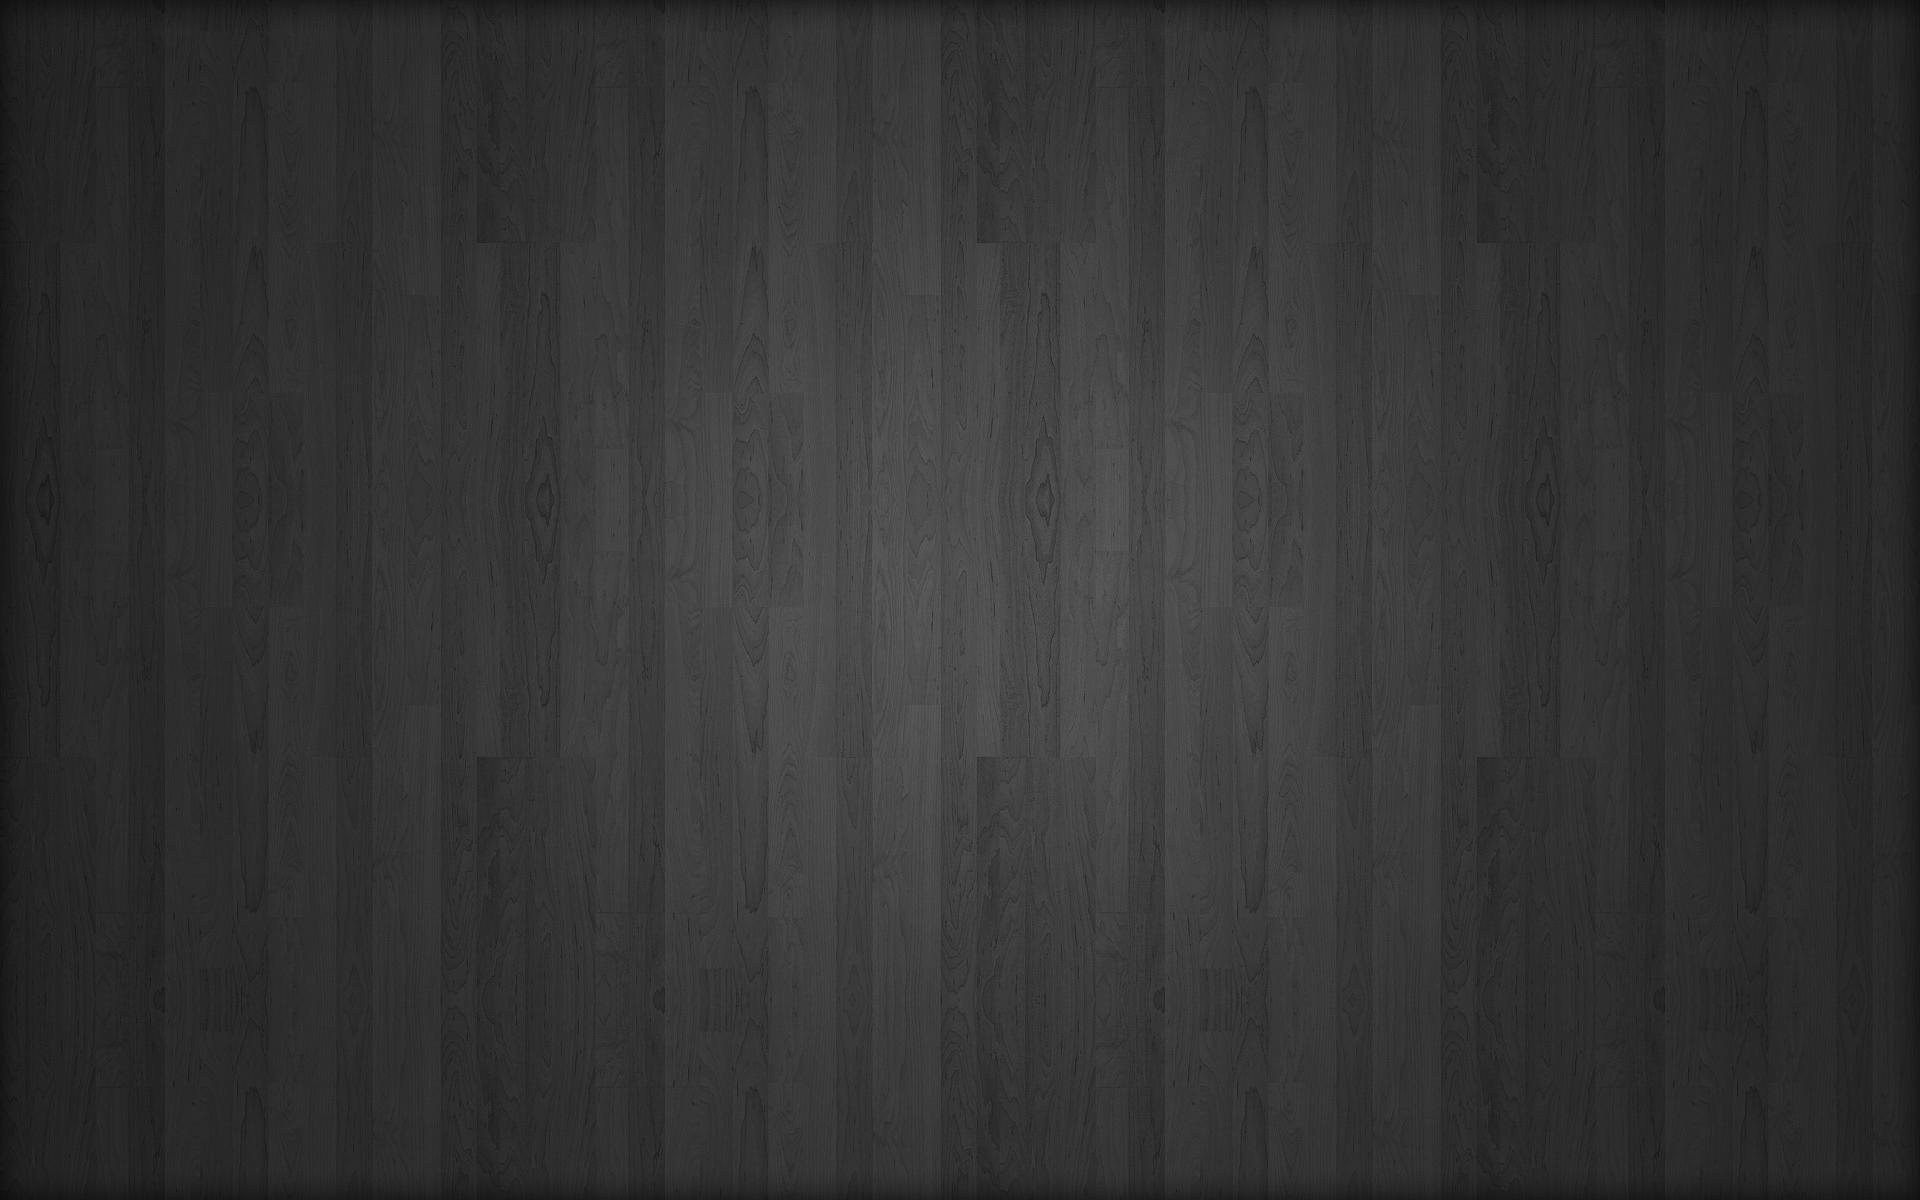 Light Wood Wallpaper Wide Scerbos Wood Grain Desktop Wallpapers